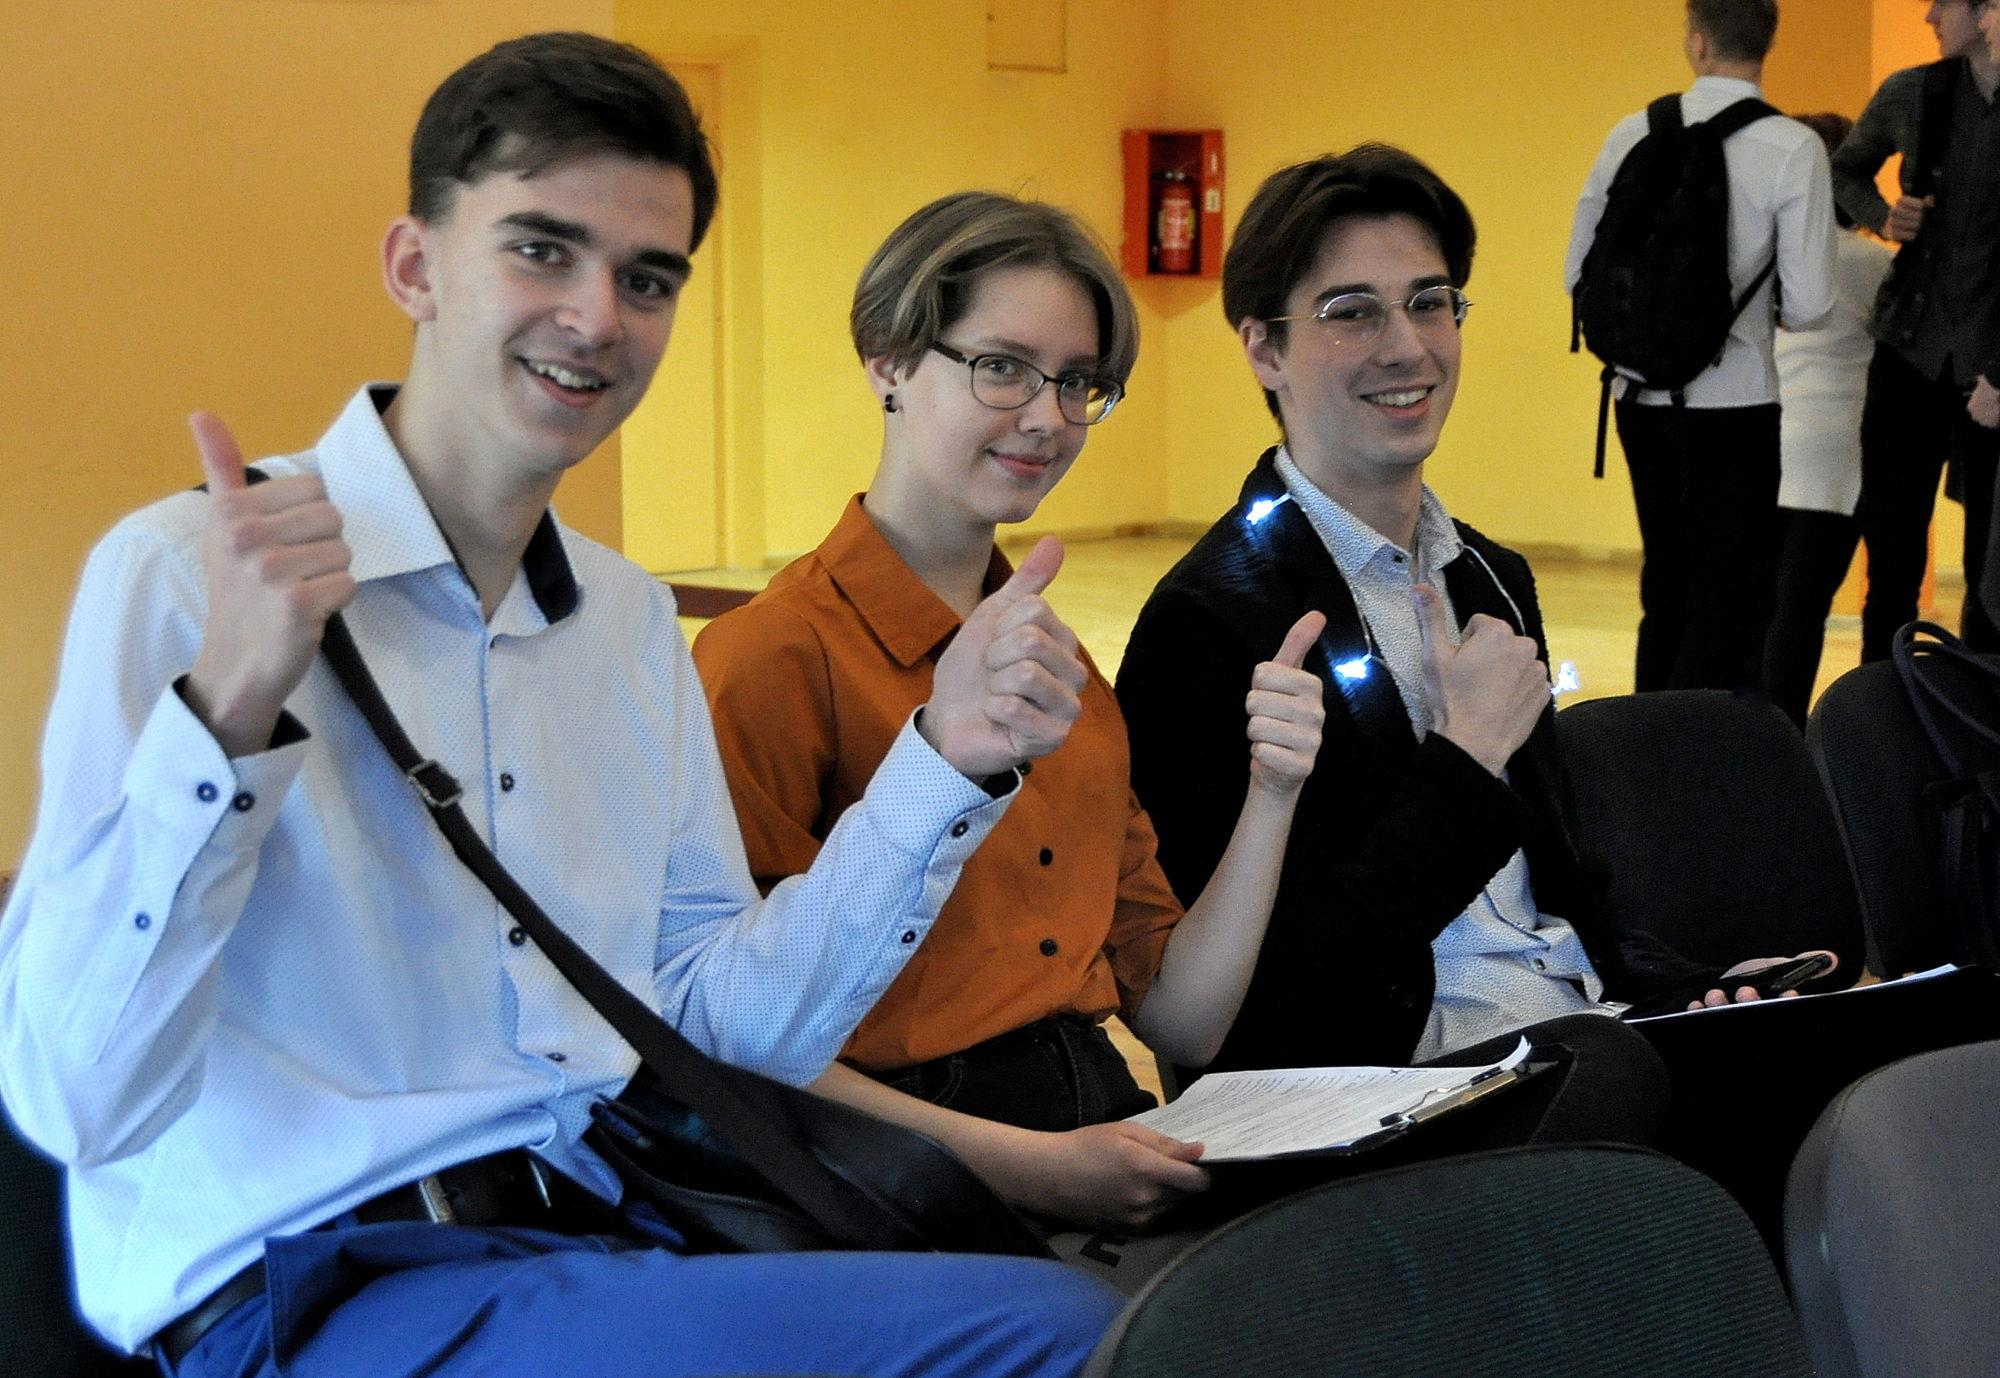 Liepājā norisinājās pilsētas 10.–12. klašu skolēnu zinātniskās pētniecības darbu konference